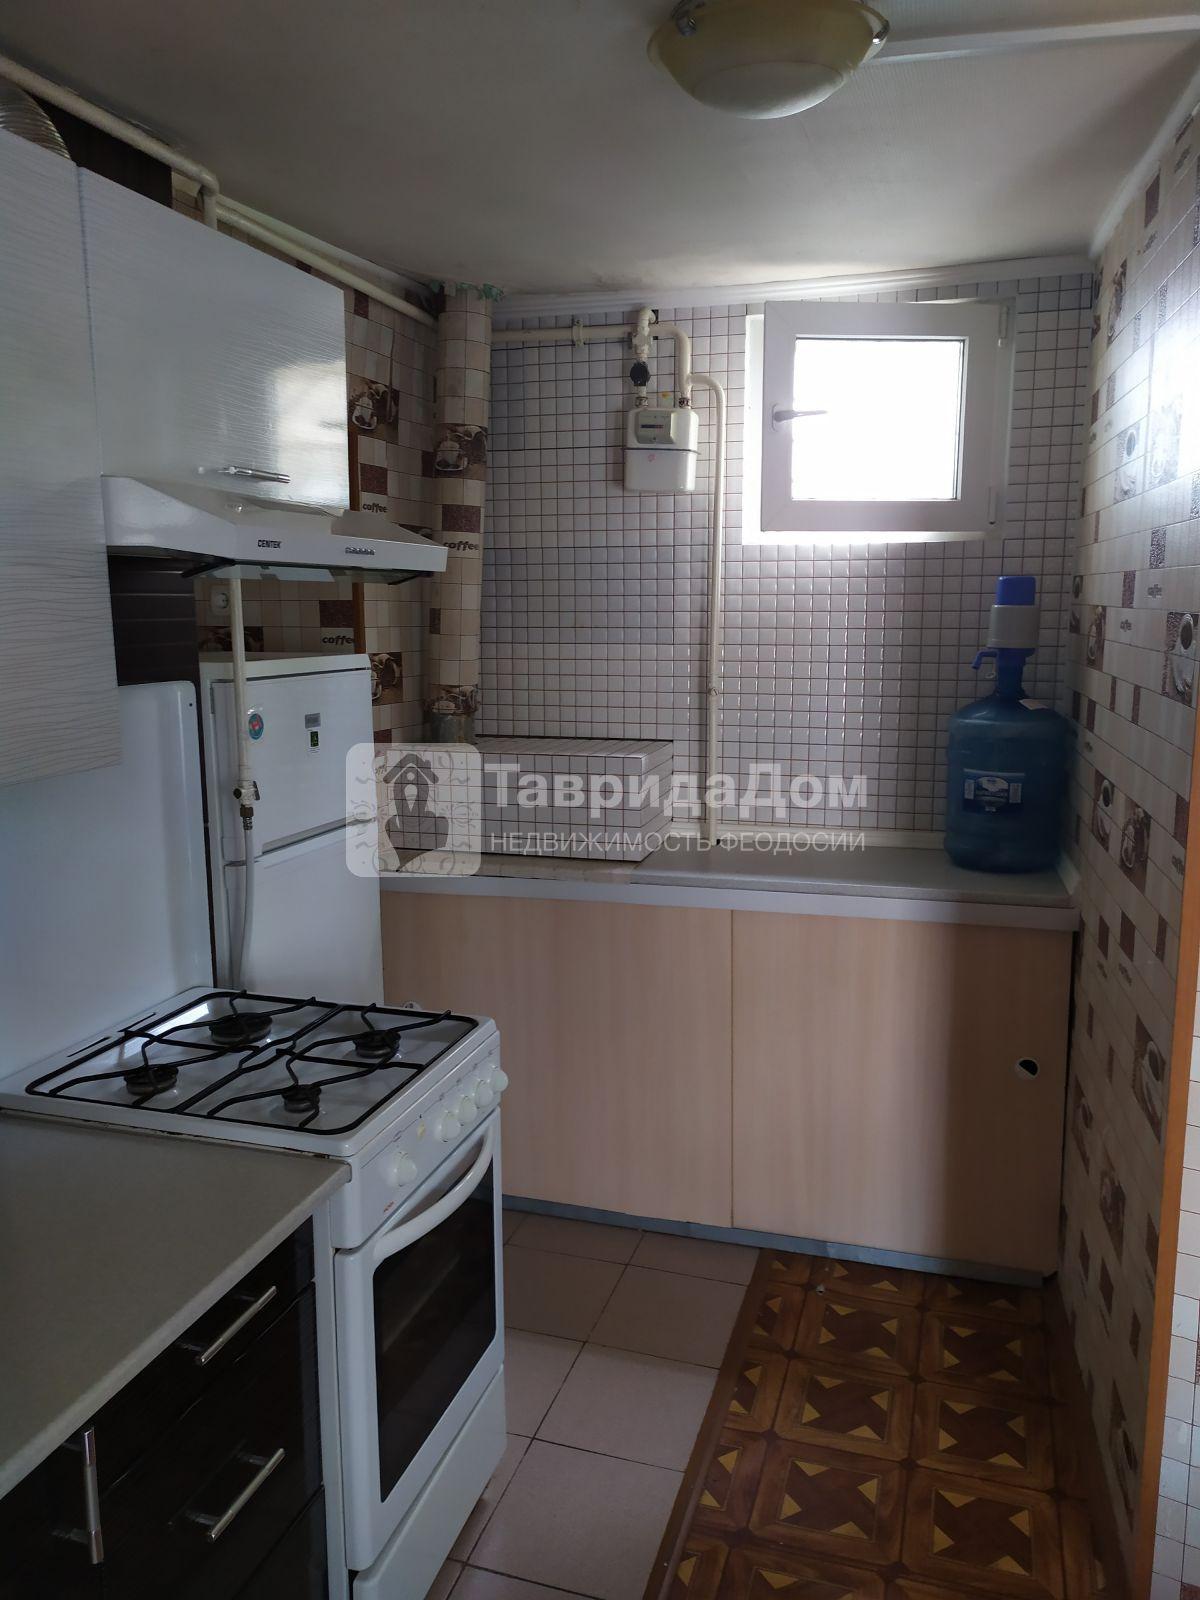 Квартира в аренду по адресу Россия, Республика Крым, Феодосия, Чехова ул, хх